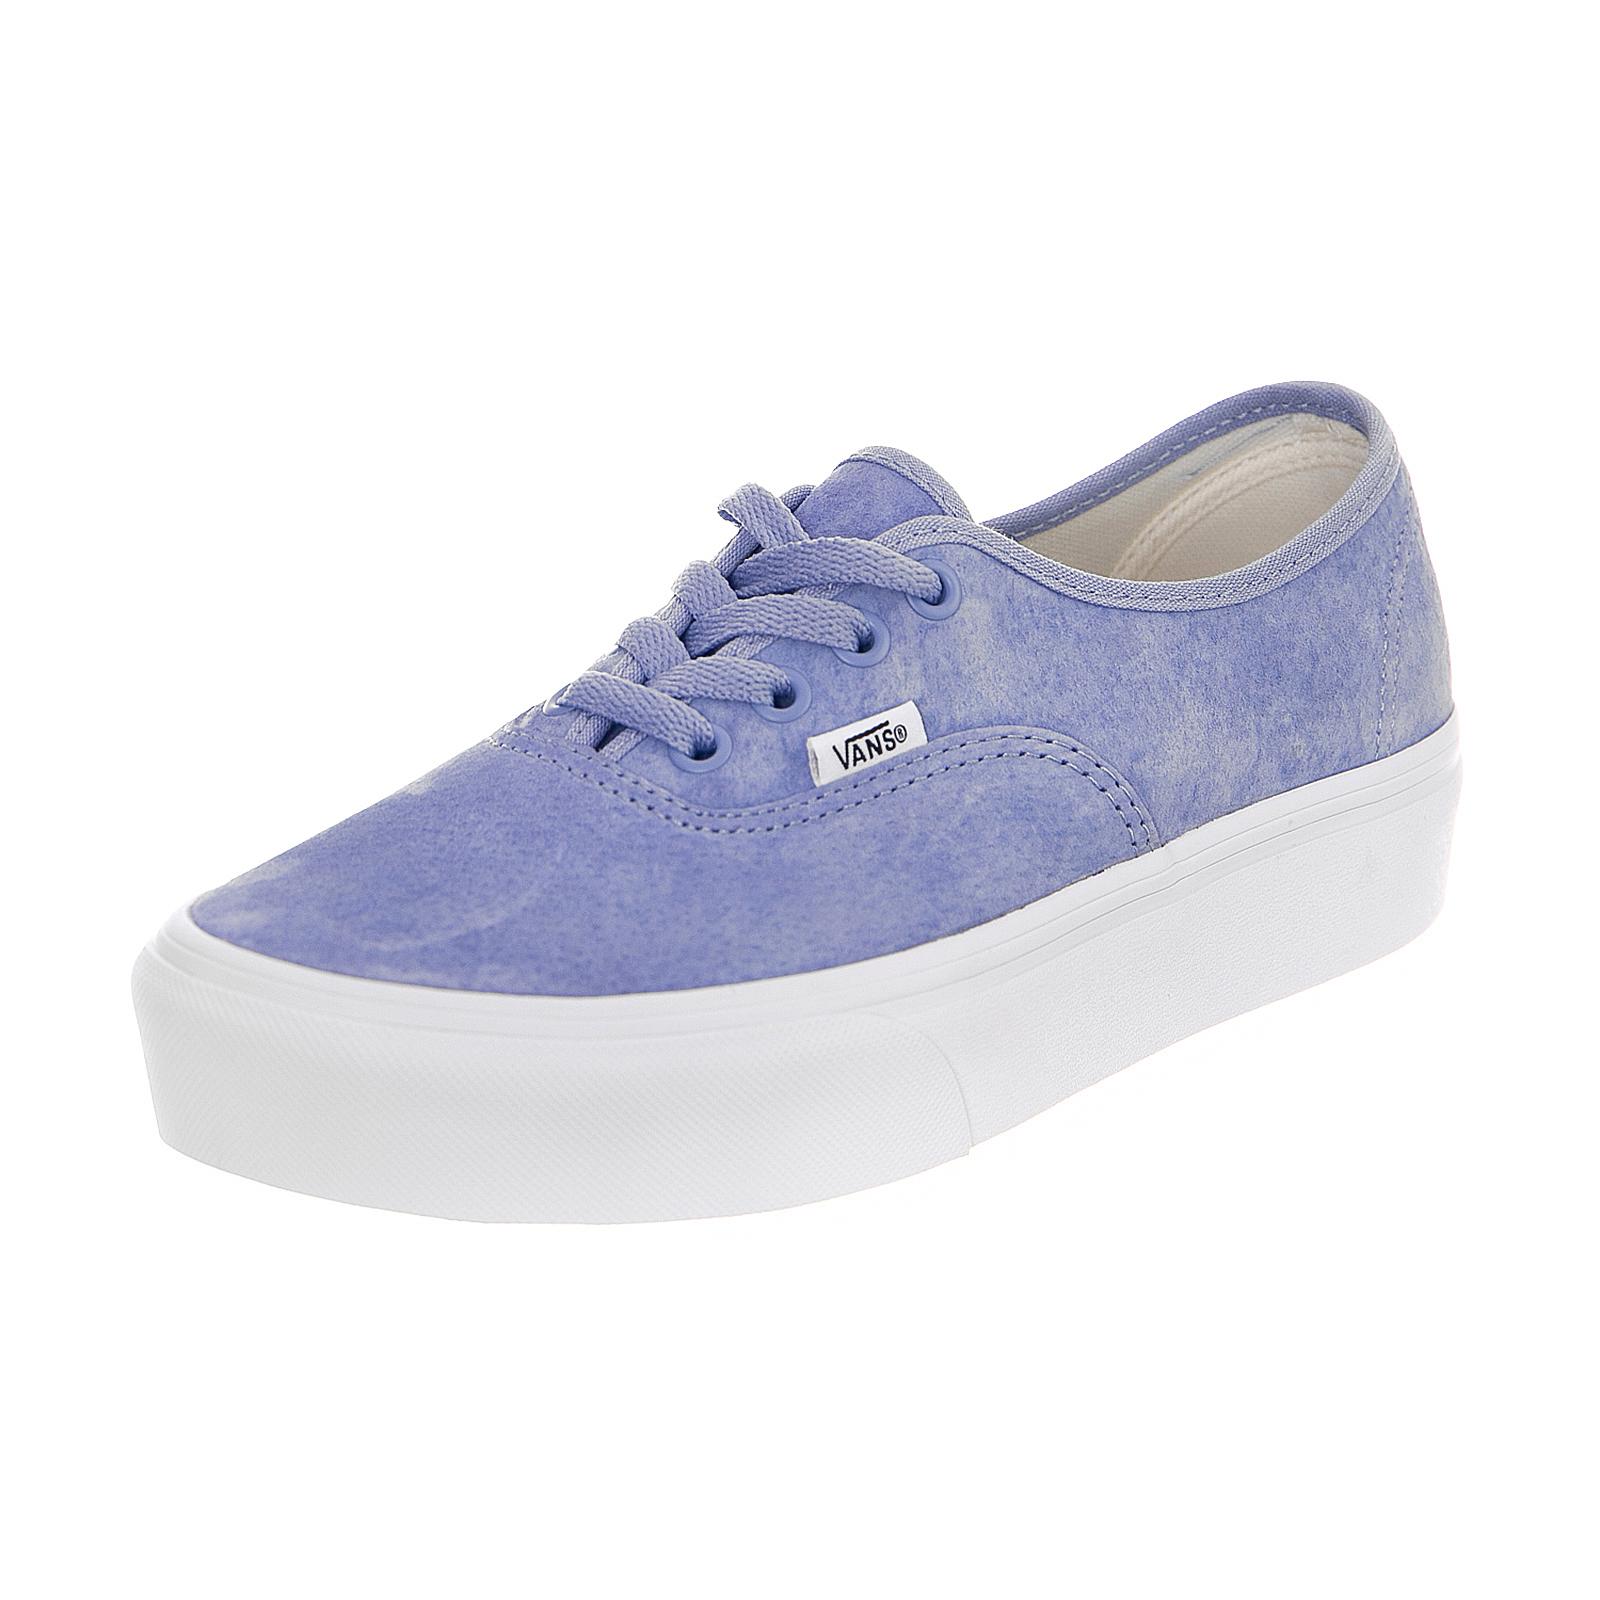 2d9285d1eb49 Vans Sneakers U Authentic Platform 2.0 (Pig Suede) Lavender Lustre/True  White Azzurro